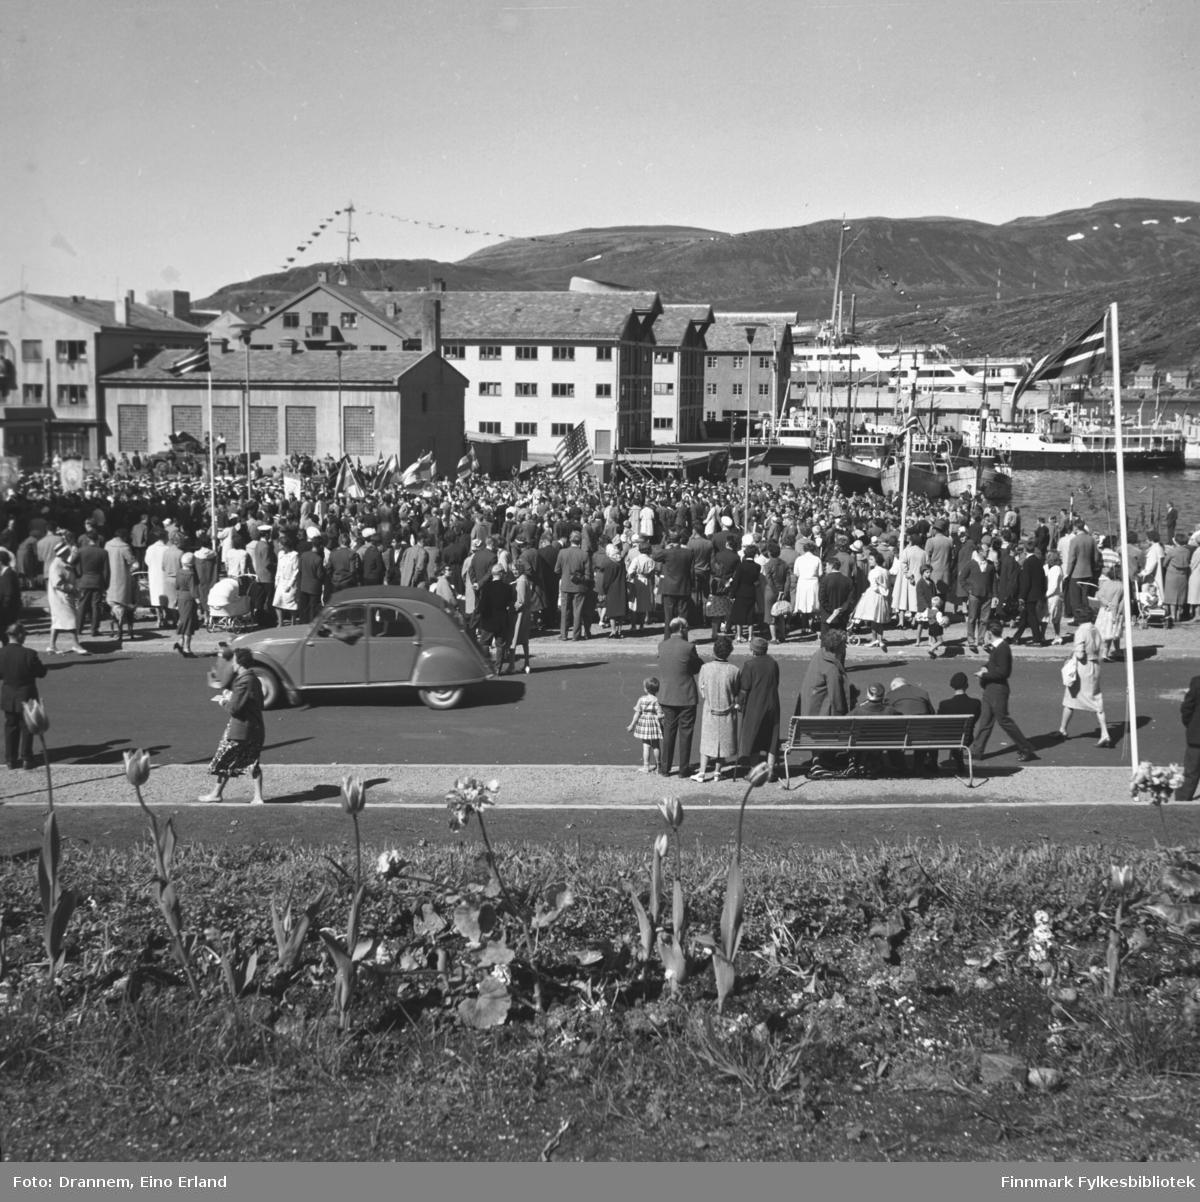 """En stor folkemengde på rådhusplassen i Hammerfest i regi av norsk-finsk forening. Noen bærer finske og amerikansk flagg og 6th Army Corps ses til venstre blant folkemengden. Det store skipet som ligger ved Dampskipskaia kan være Den Norske Amerikalinjens båt """"Oslofjord"""""""